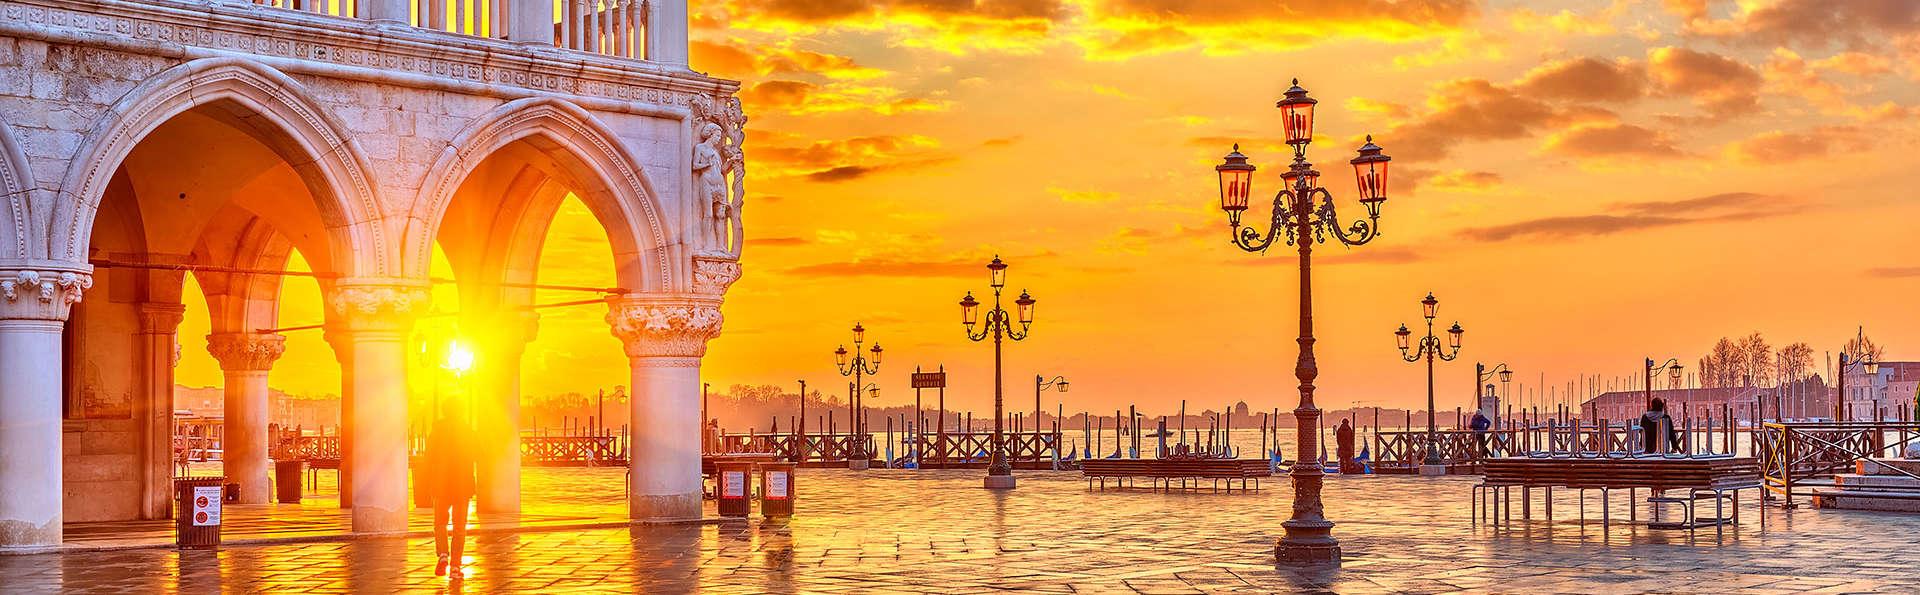 Offerta a 4* da non perdere: alle porte di Venezia con cena inclusa